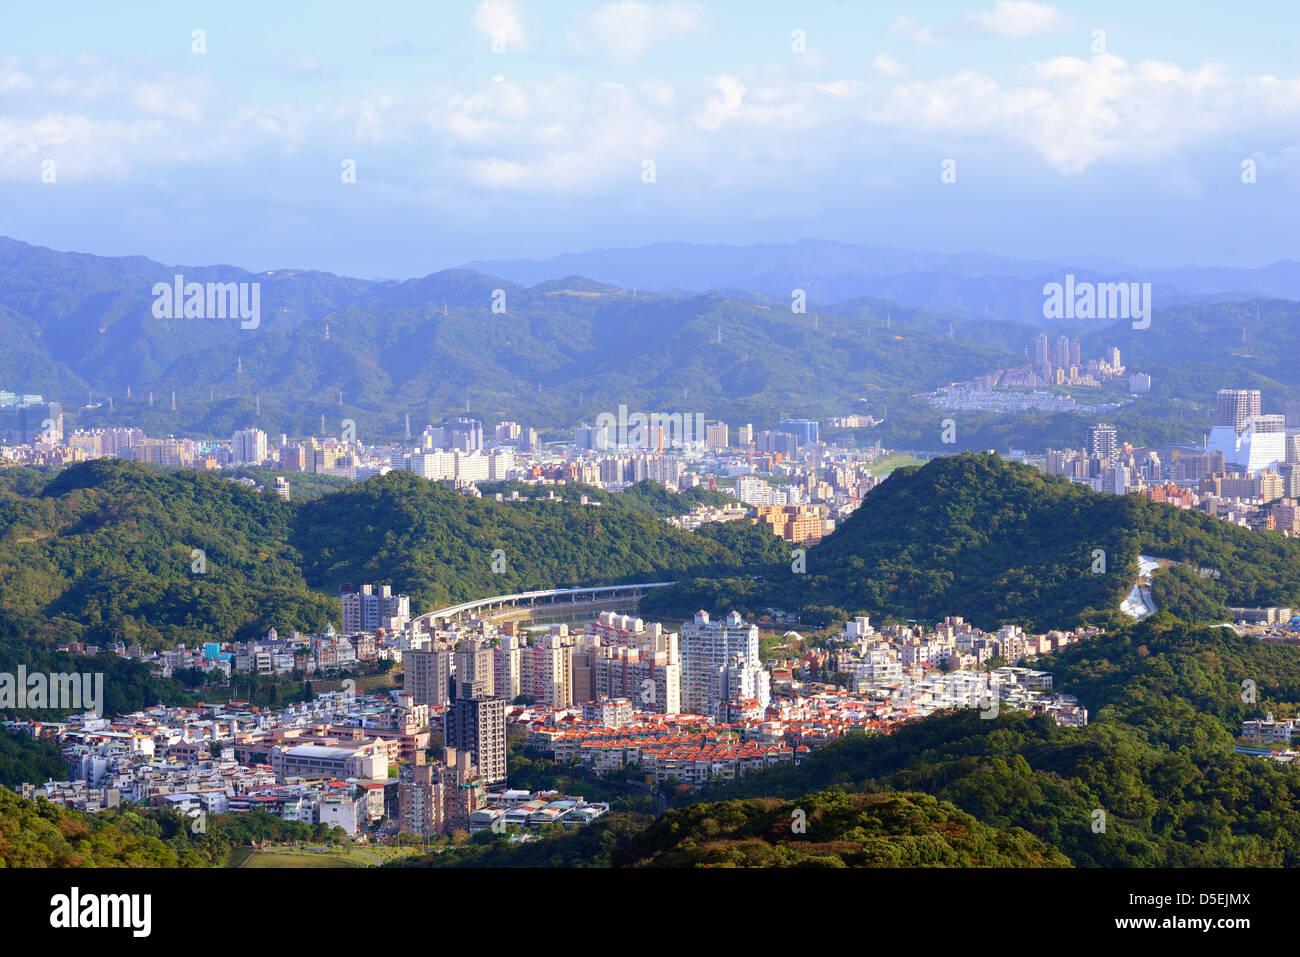 Residenciales y edificios de apartamentos, edificios altísimos en neihu district, Taipei, Taiwán. Imagen De Stock